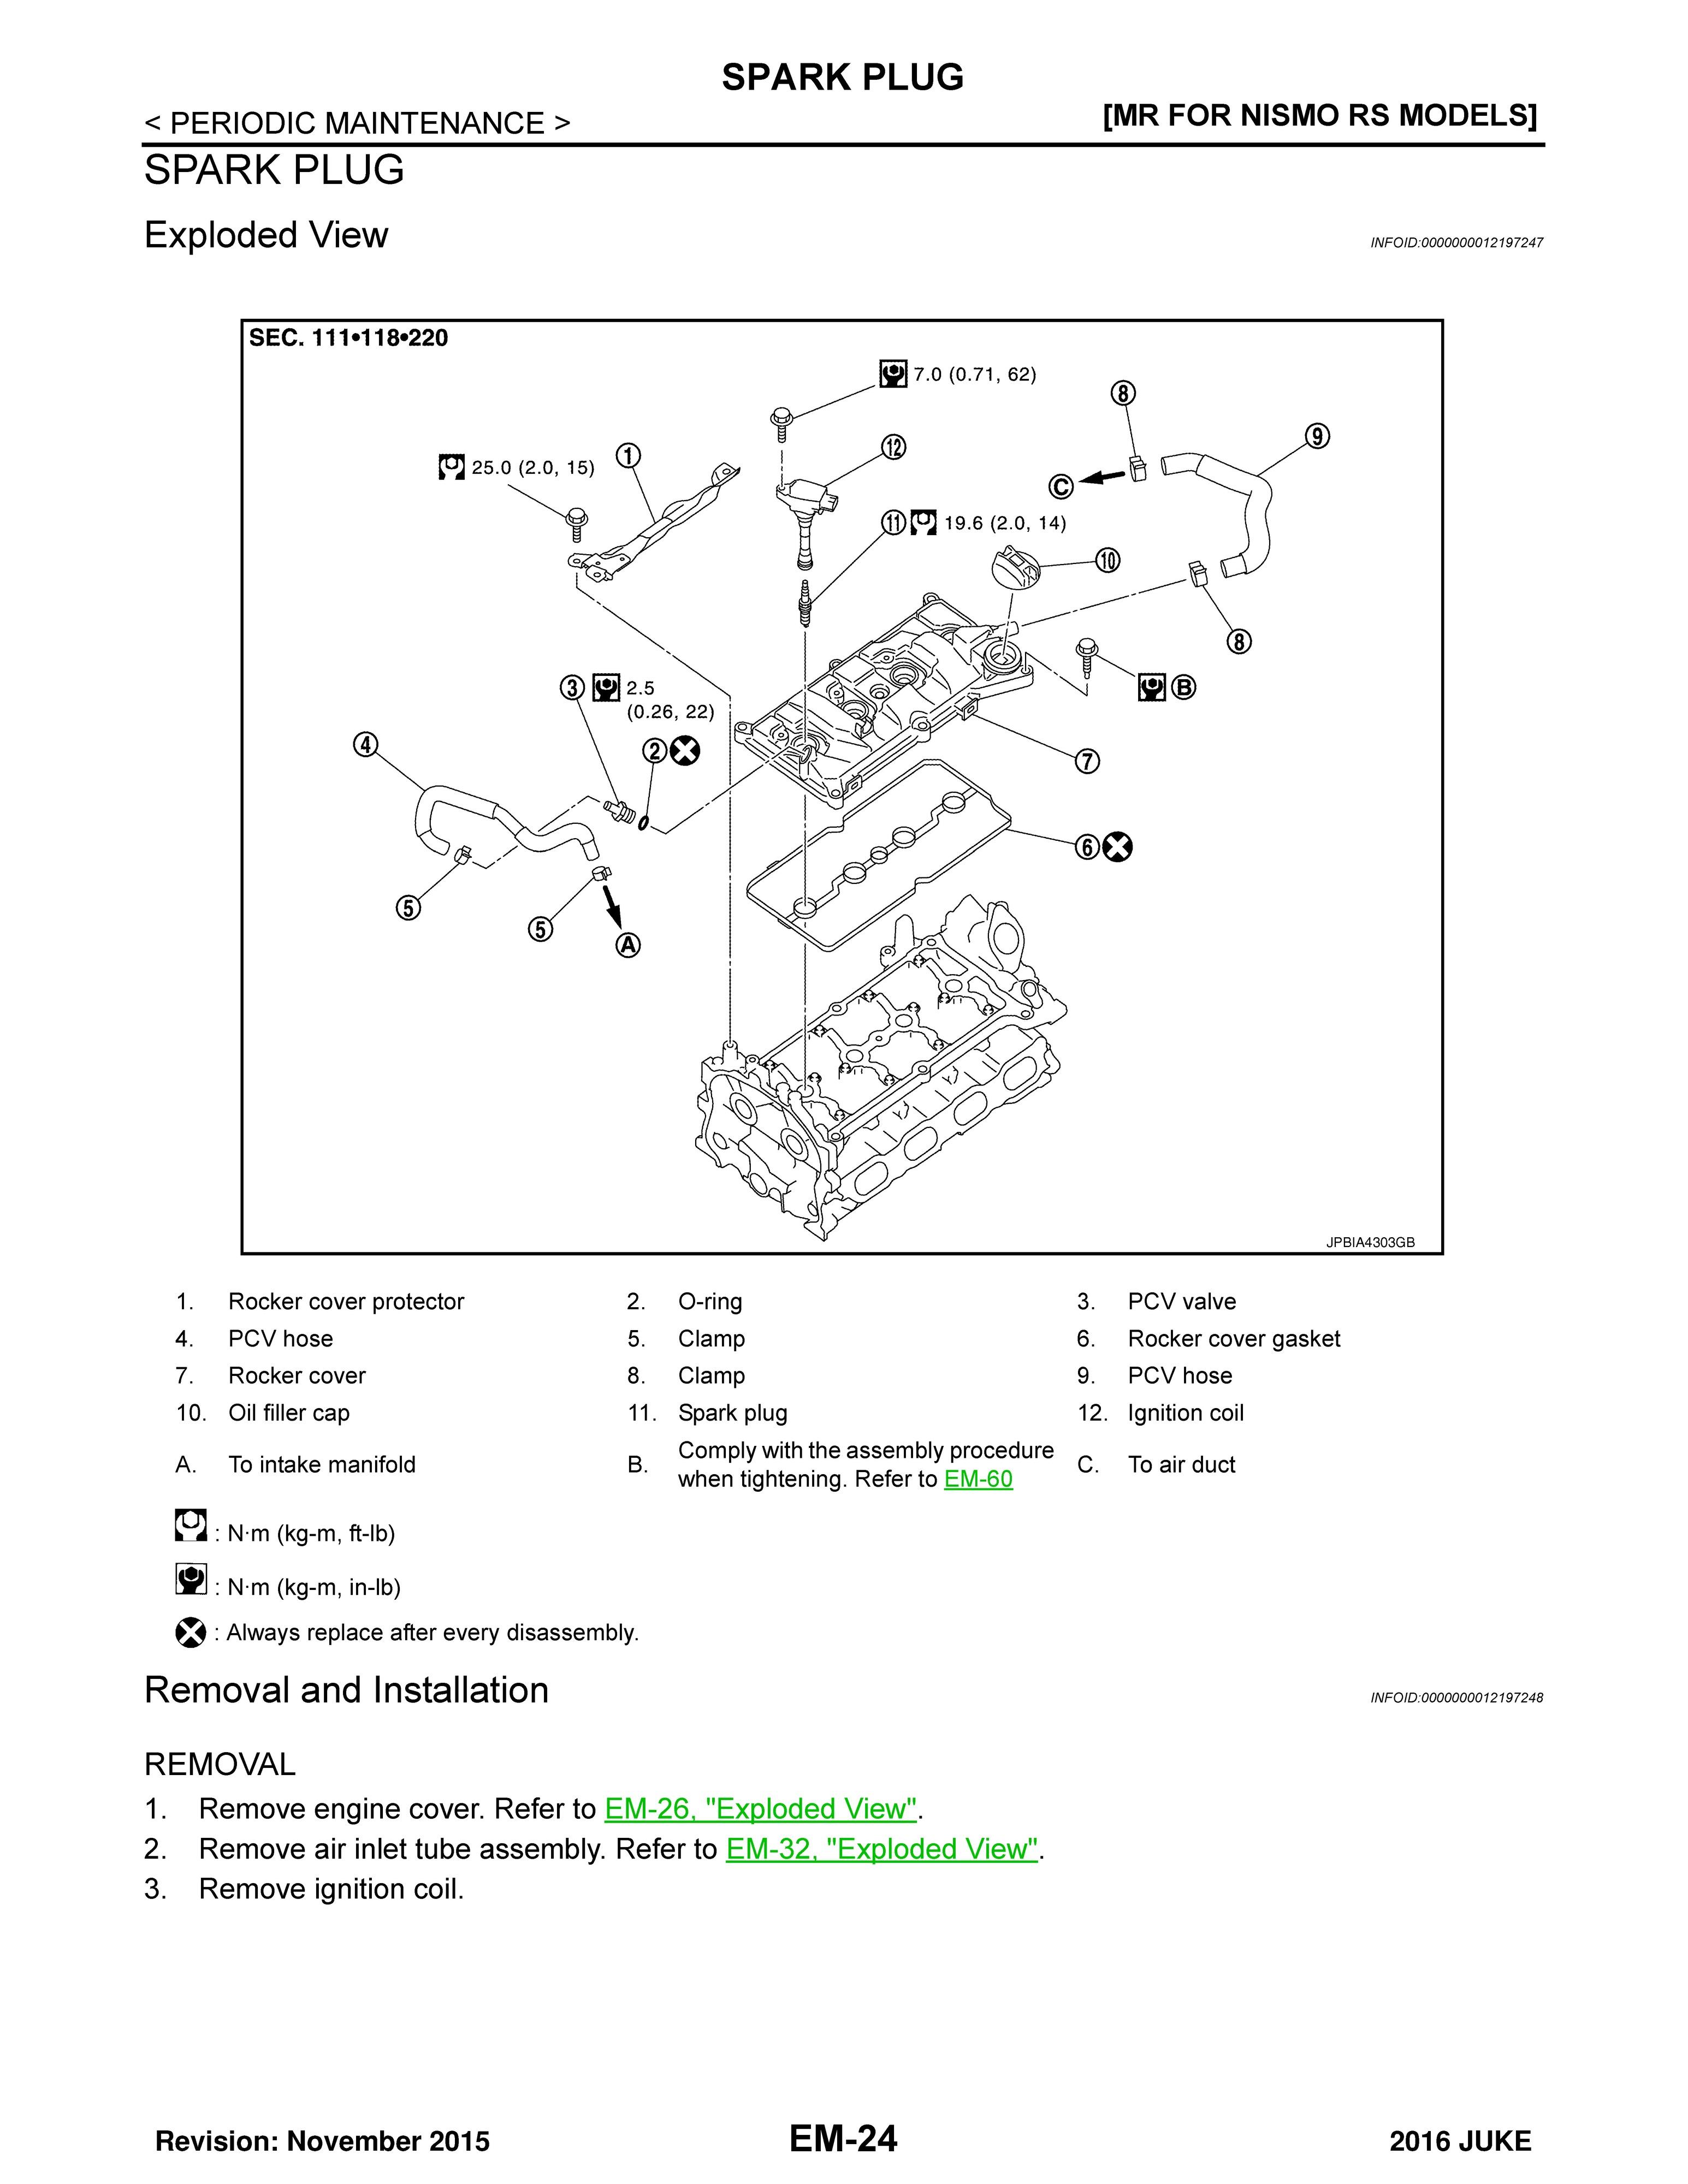 nissan wiring diagram pdf